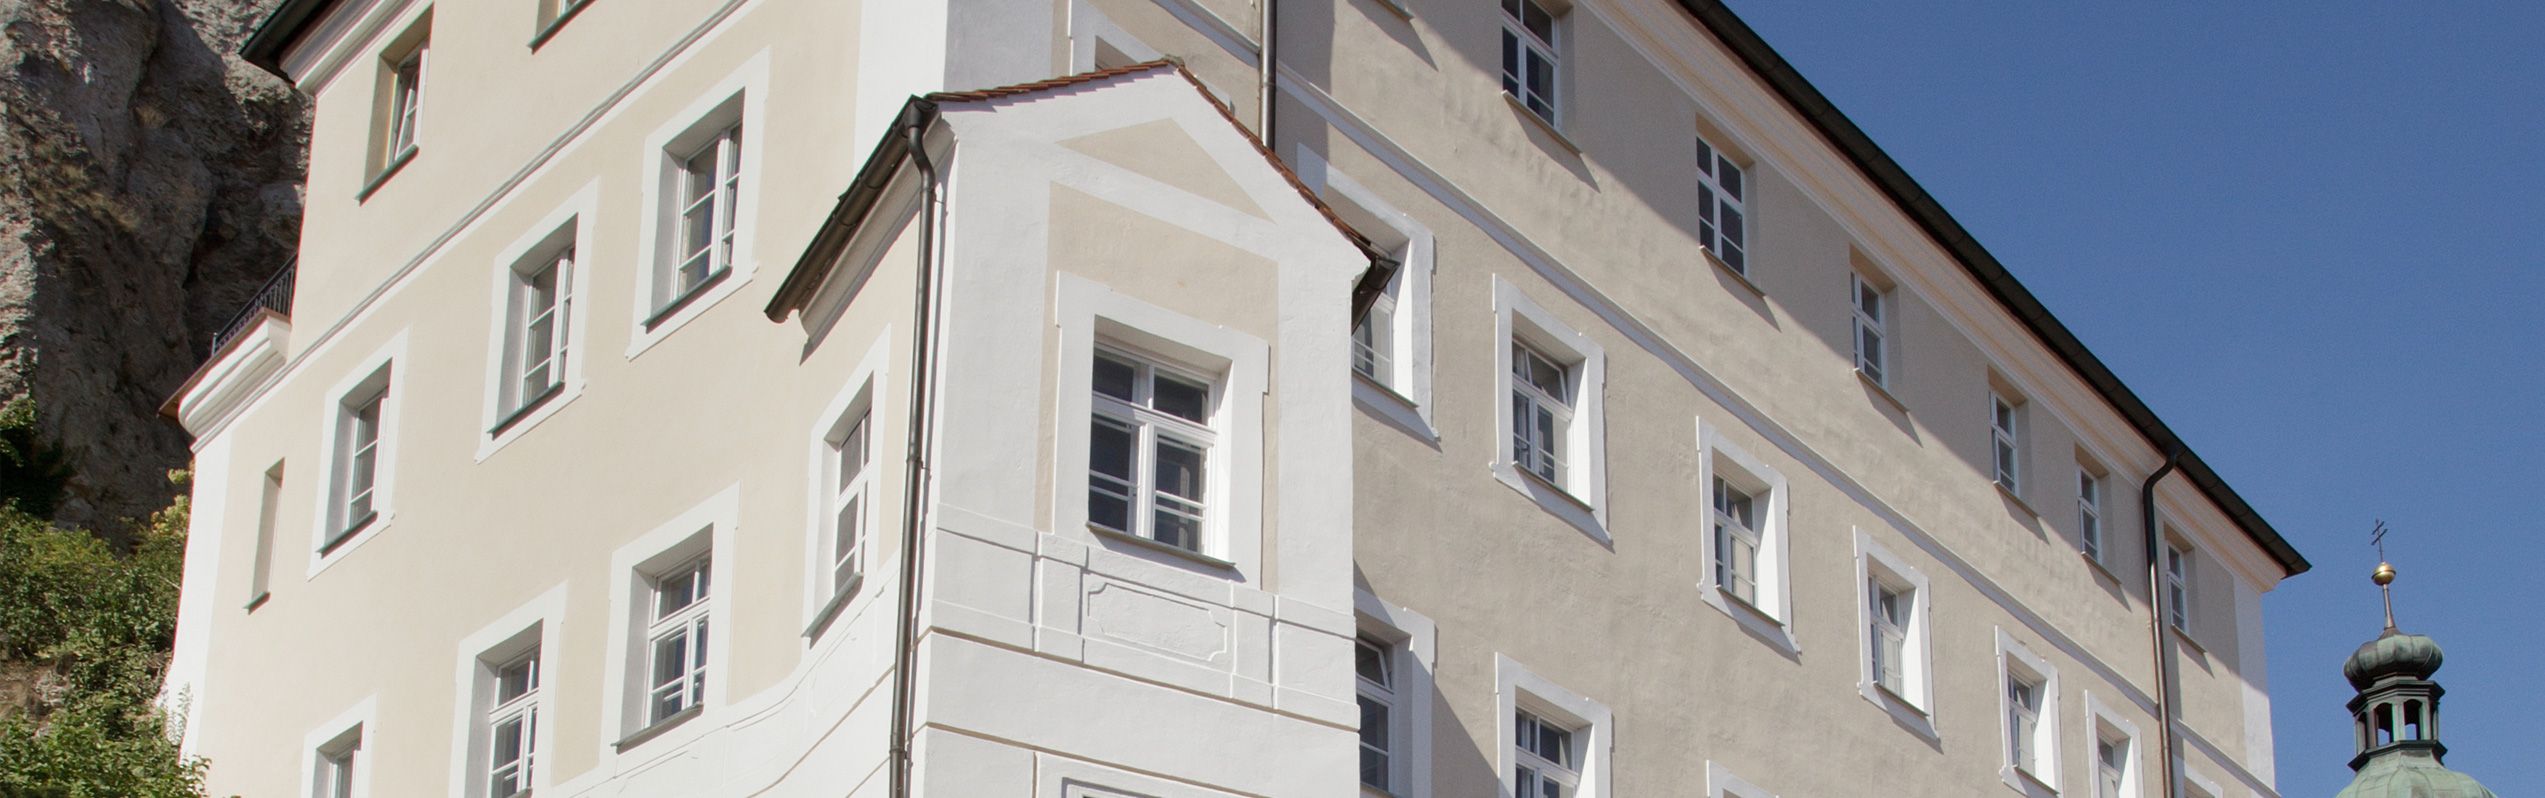 Schloss Raitenbuch Kallmünz